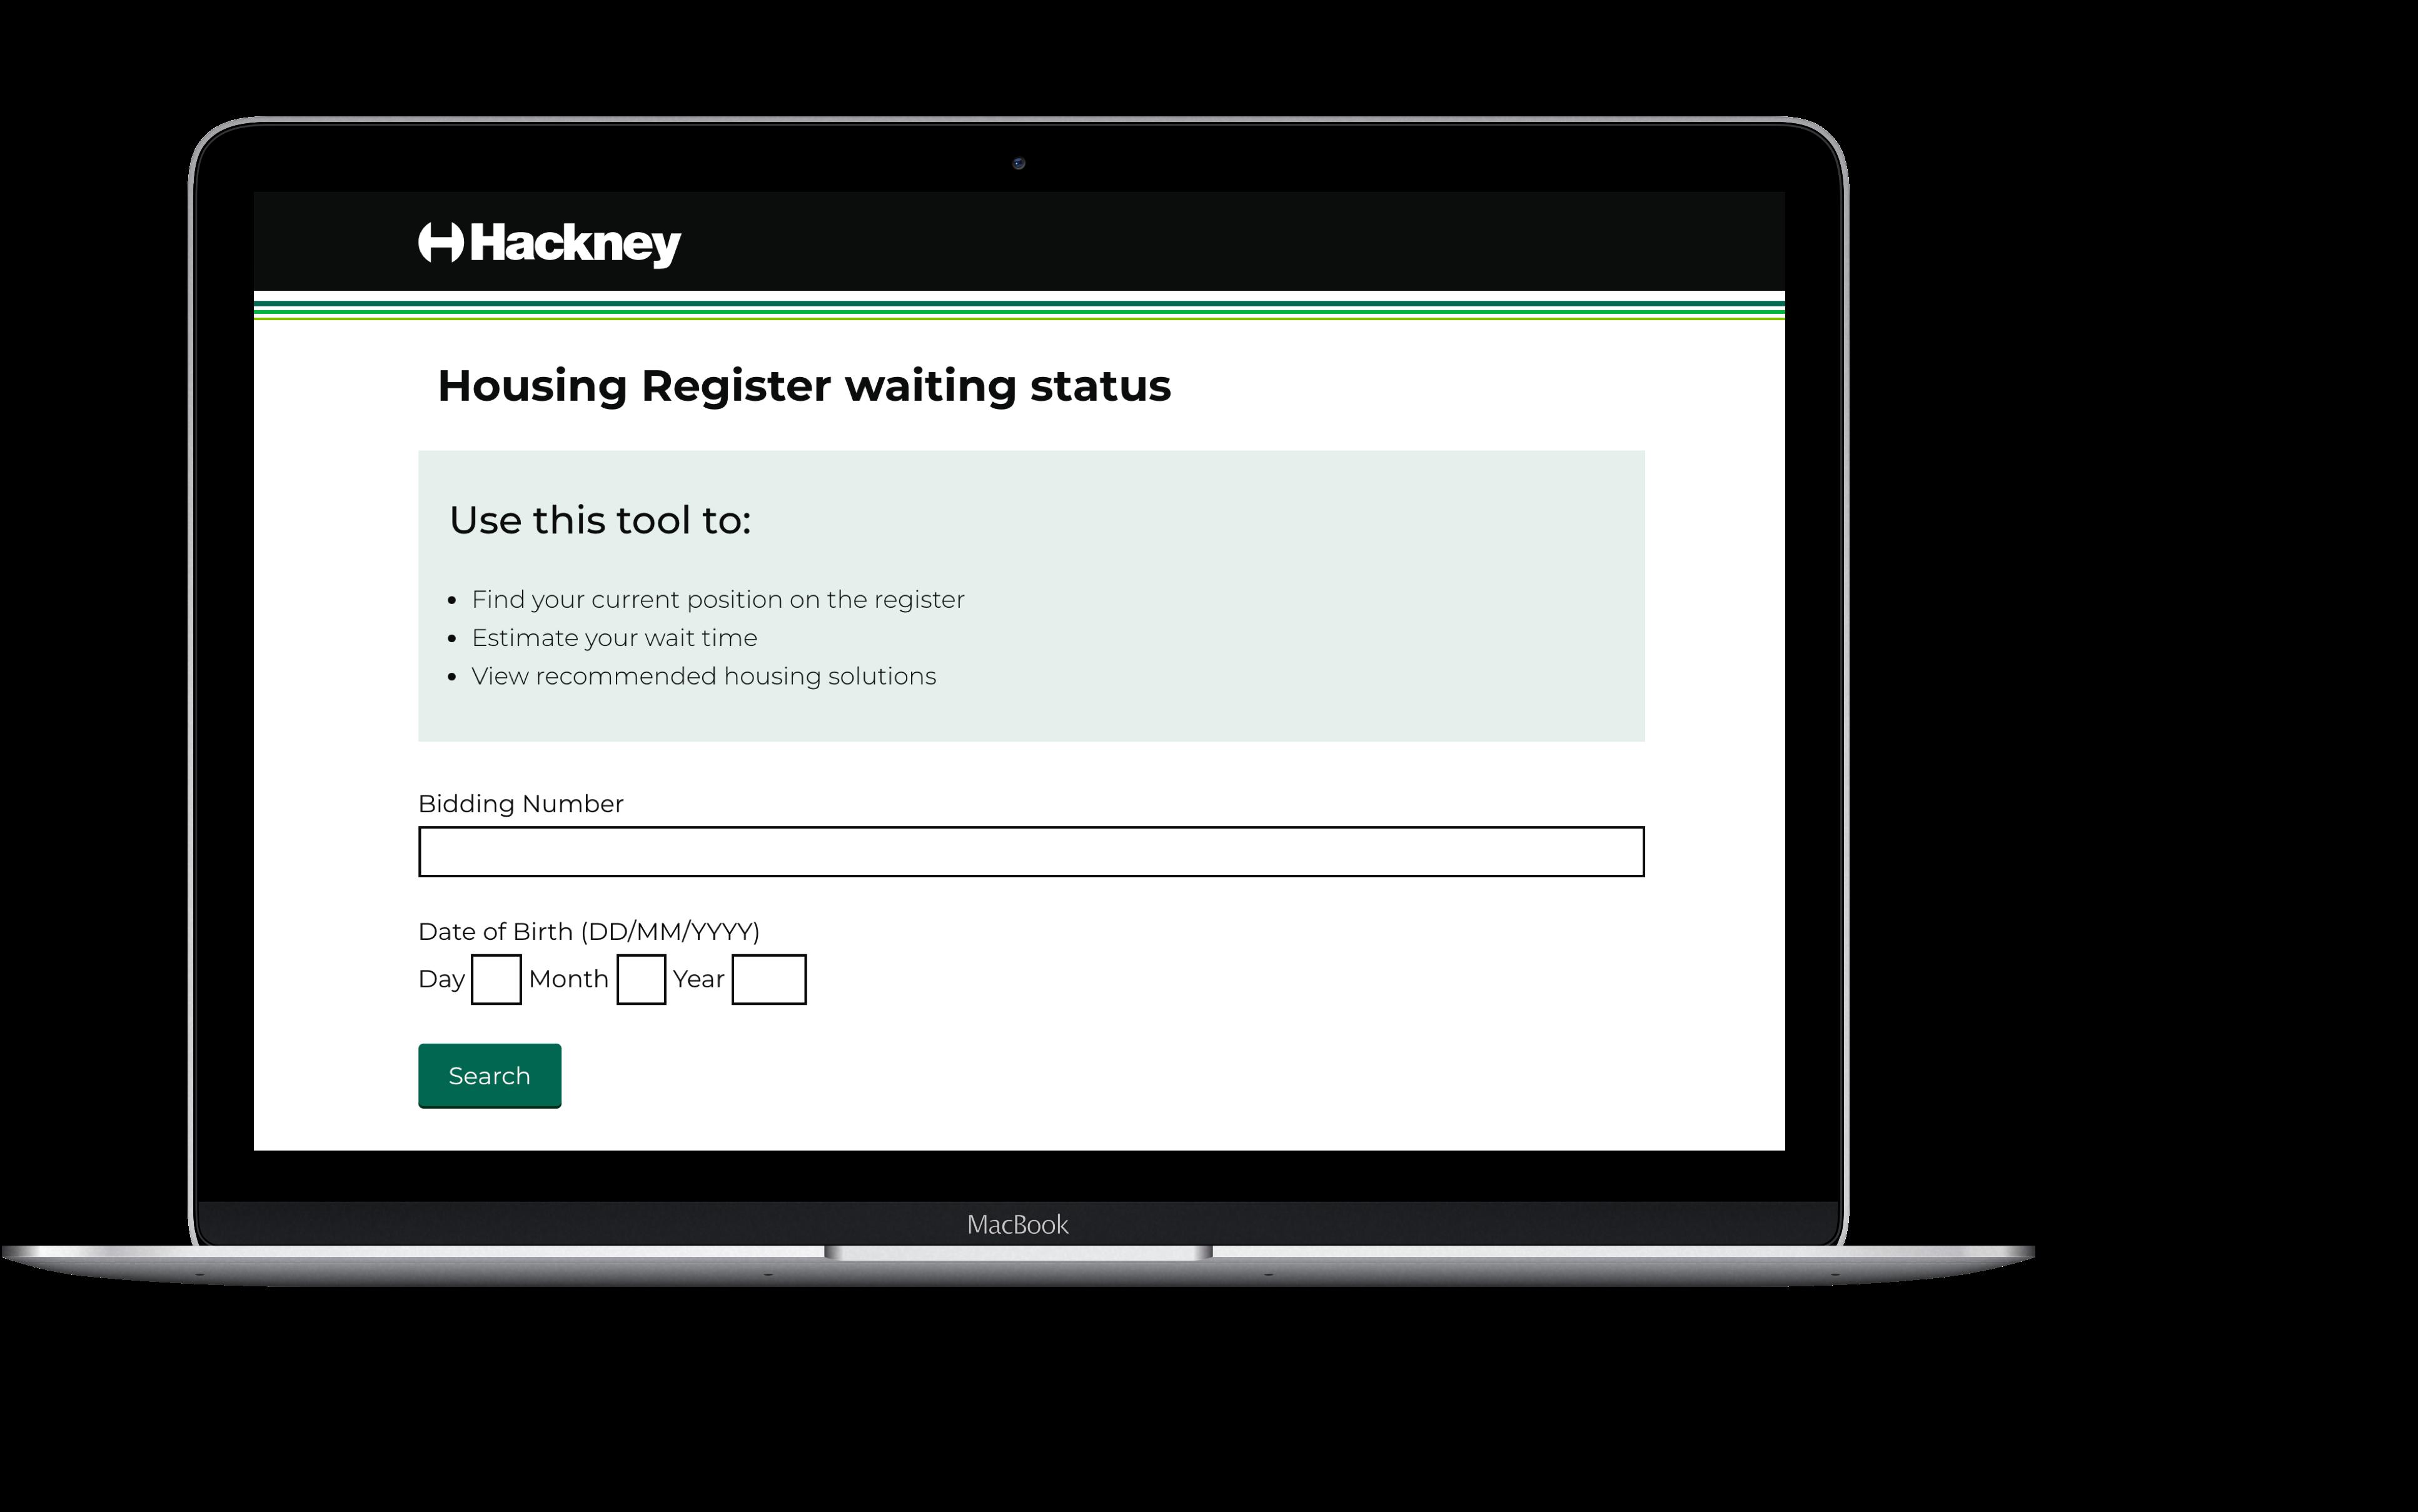 Housing register waiting status laptop